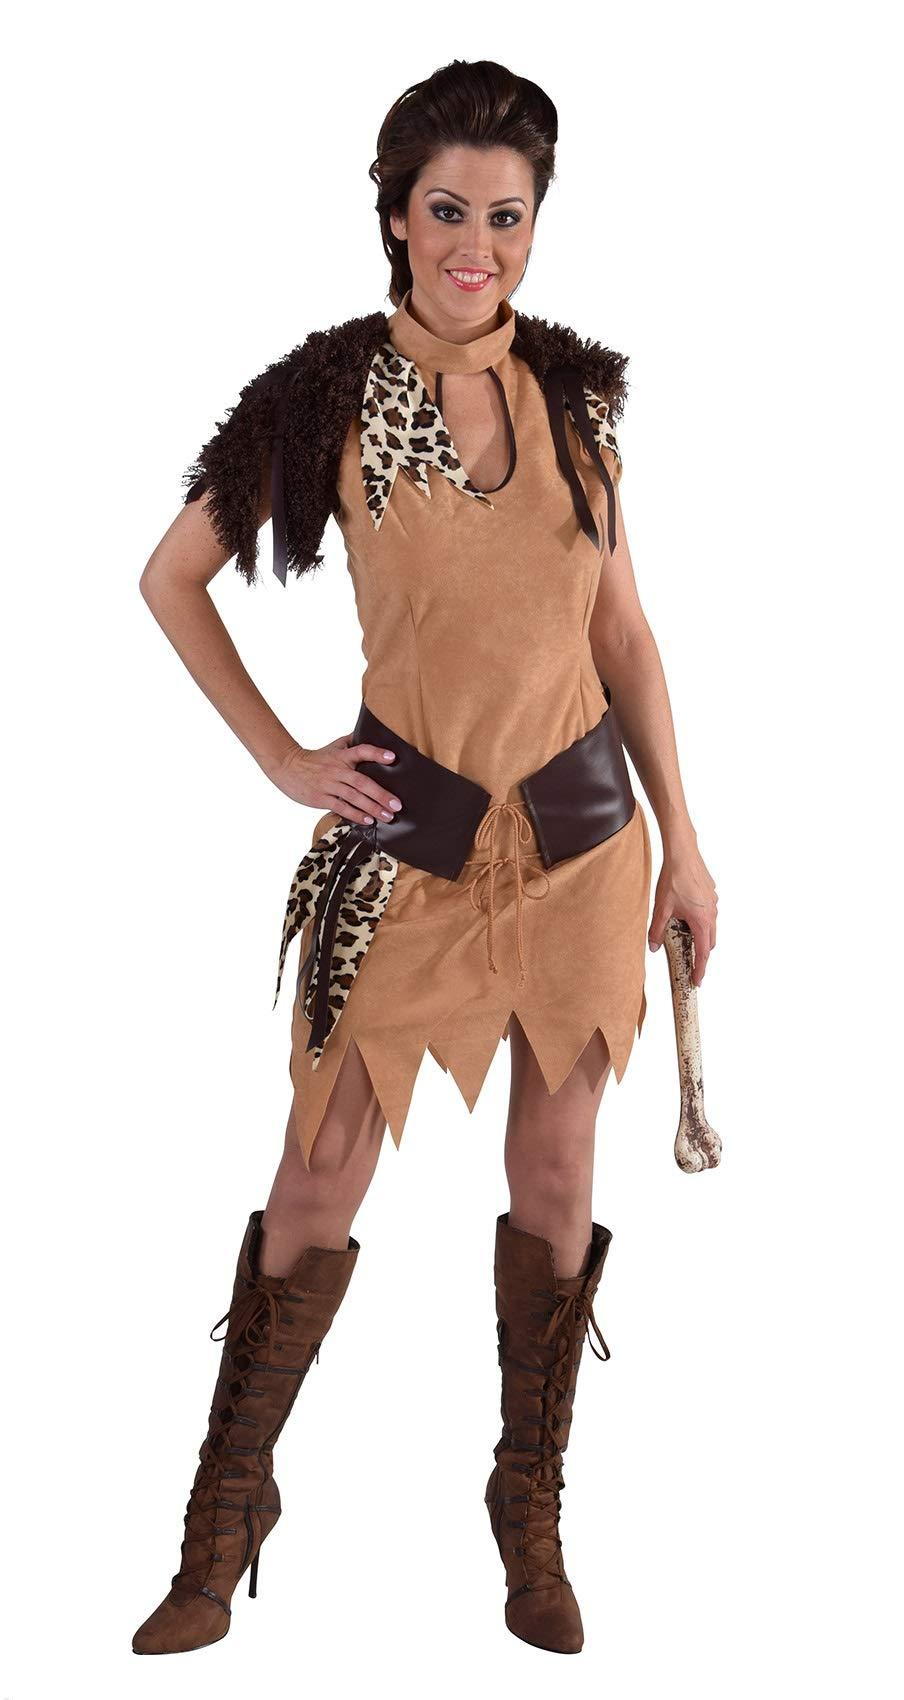 narrenkiste-M216174-XL-braun-Damen-Neandertaler-Kleid-Steinzeit-Kostm-GrXL